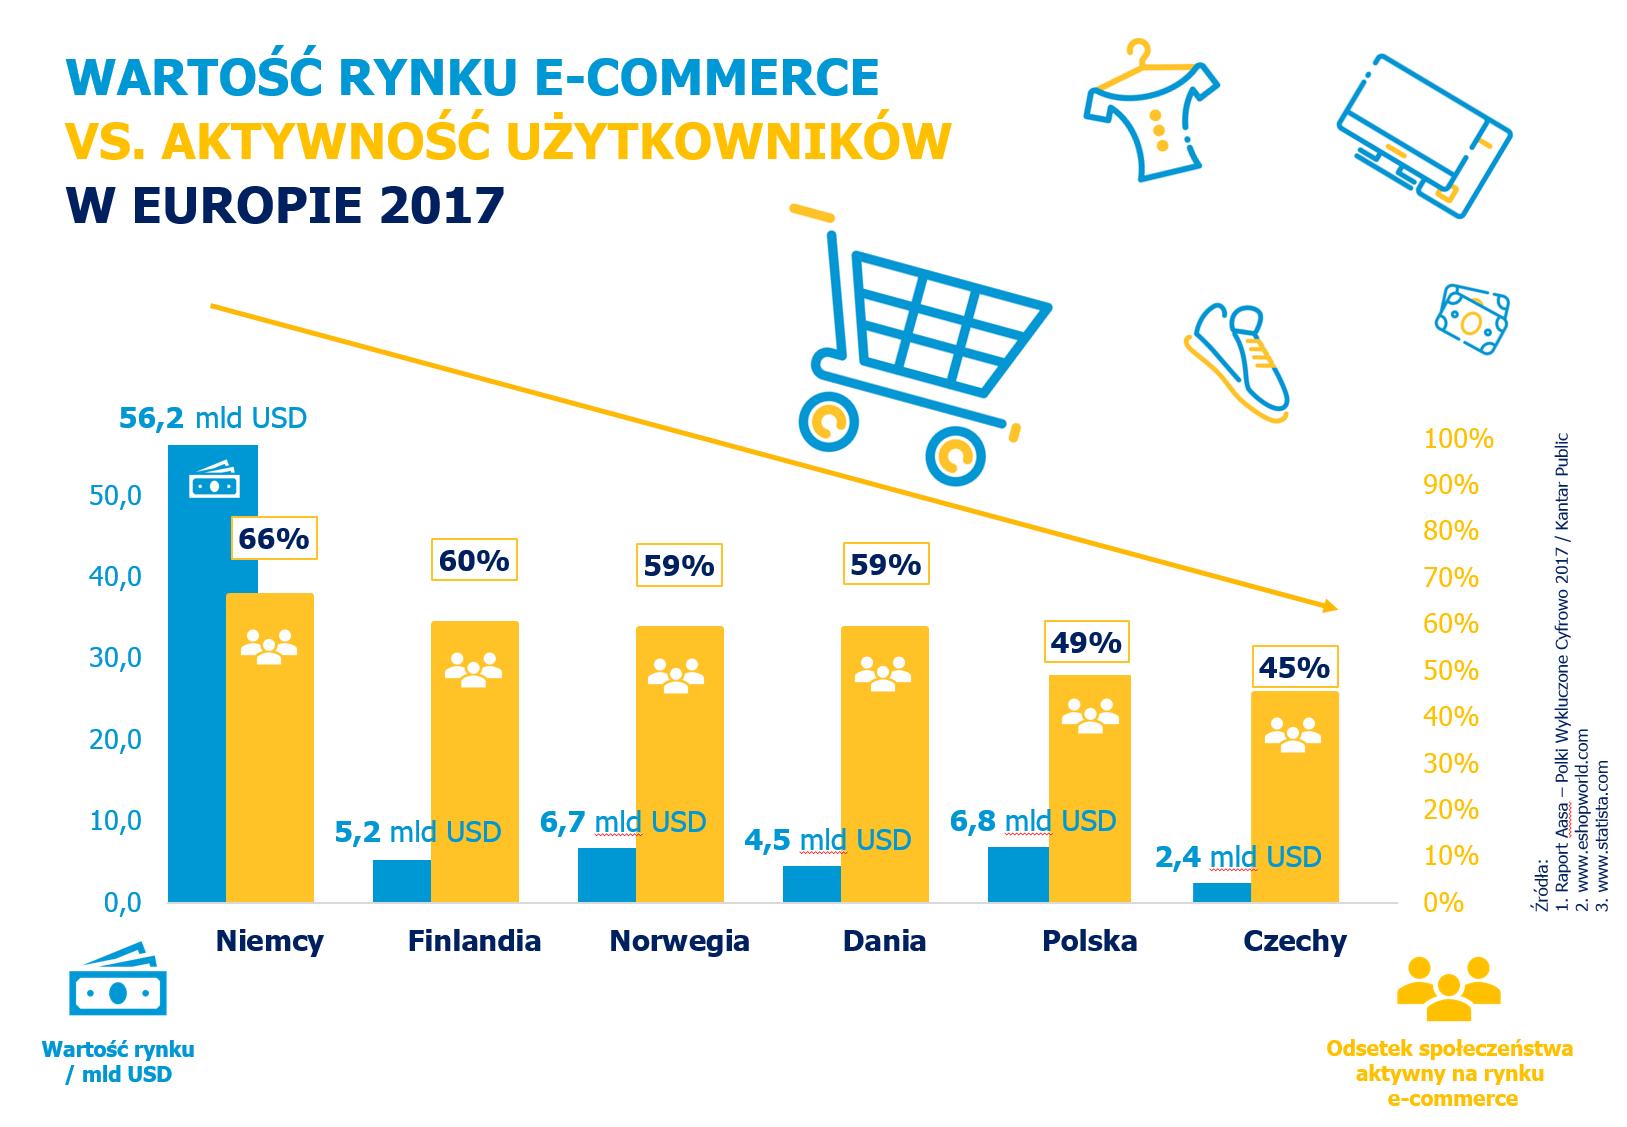 Wartość rynku e-commerce vs aktywność w e-commerce w Europie.